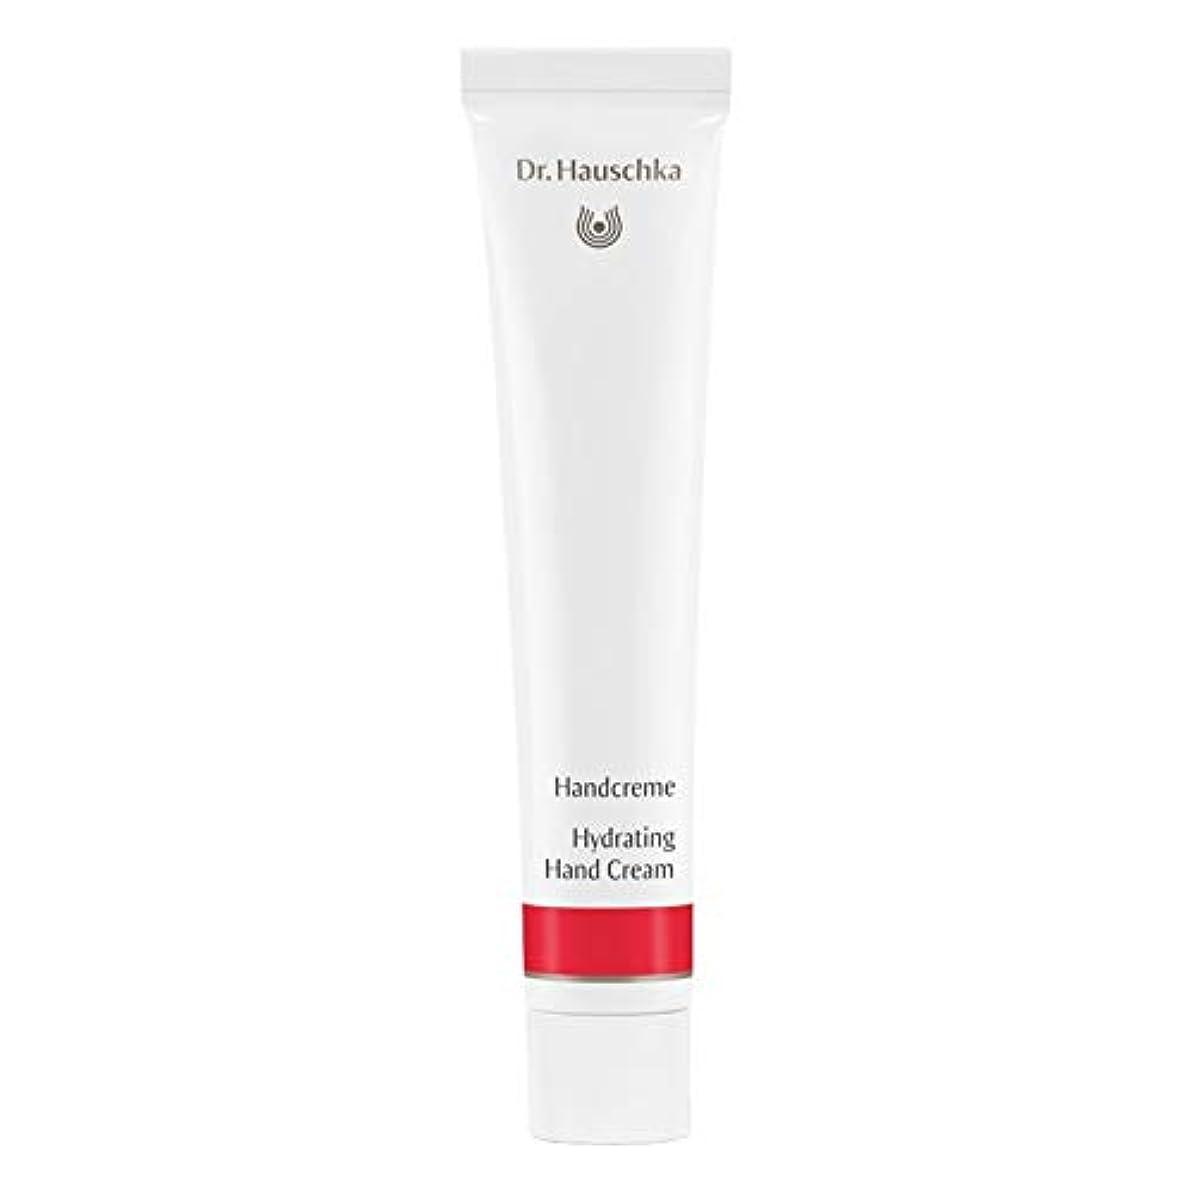 ファイバまっすぐ荷物[Dr Hauschka] Drハウシュカハンドクリーム50Ml - Dr Hauschka Hand Cream 50ml [並行輸入品]